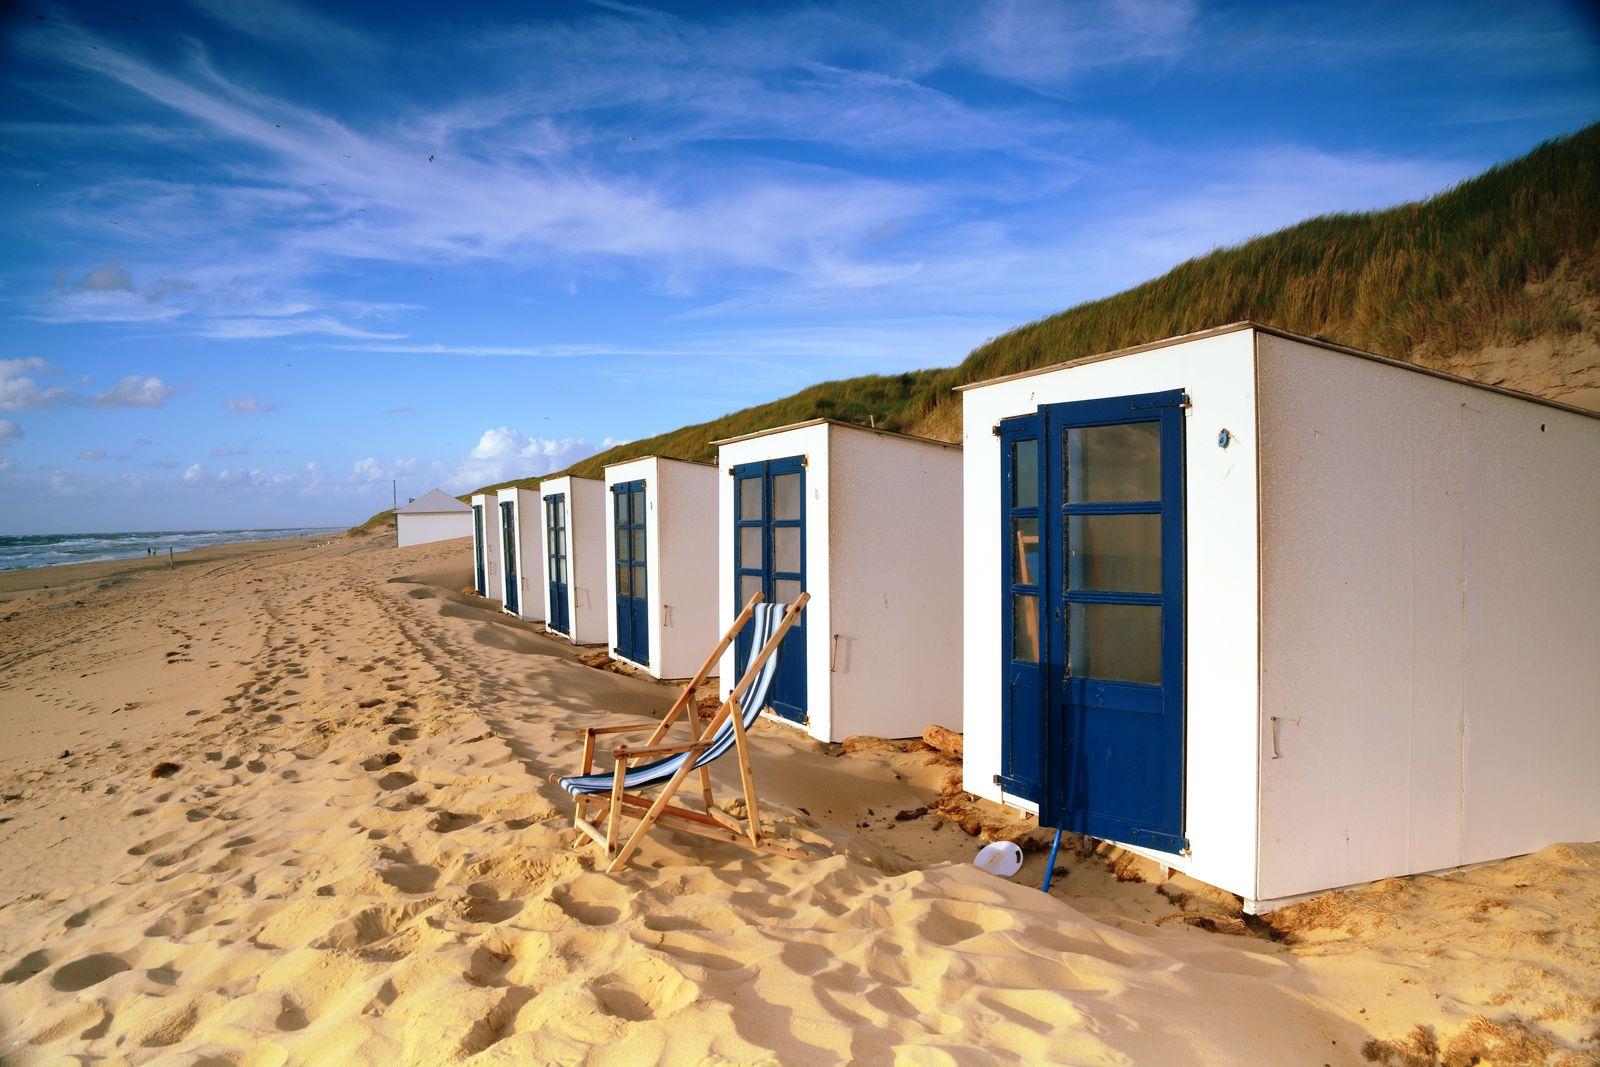 Afbeelding van Texels Landleven XL - groepsvakantiehuis met sauna en ecozwemvijver